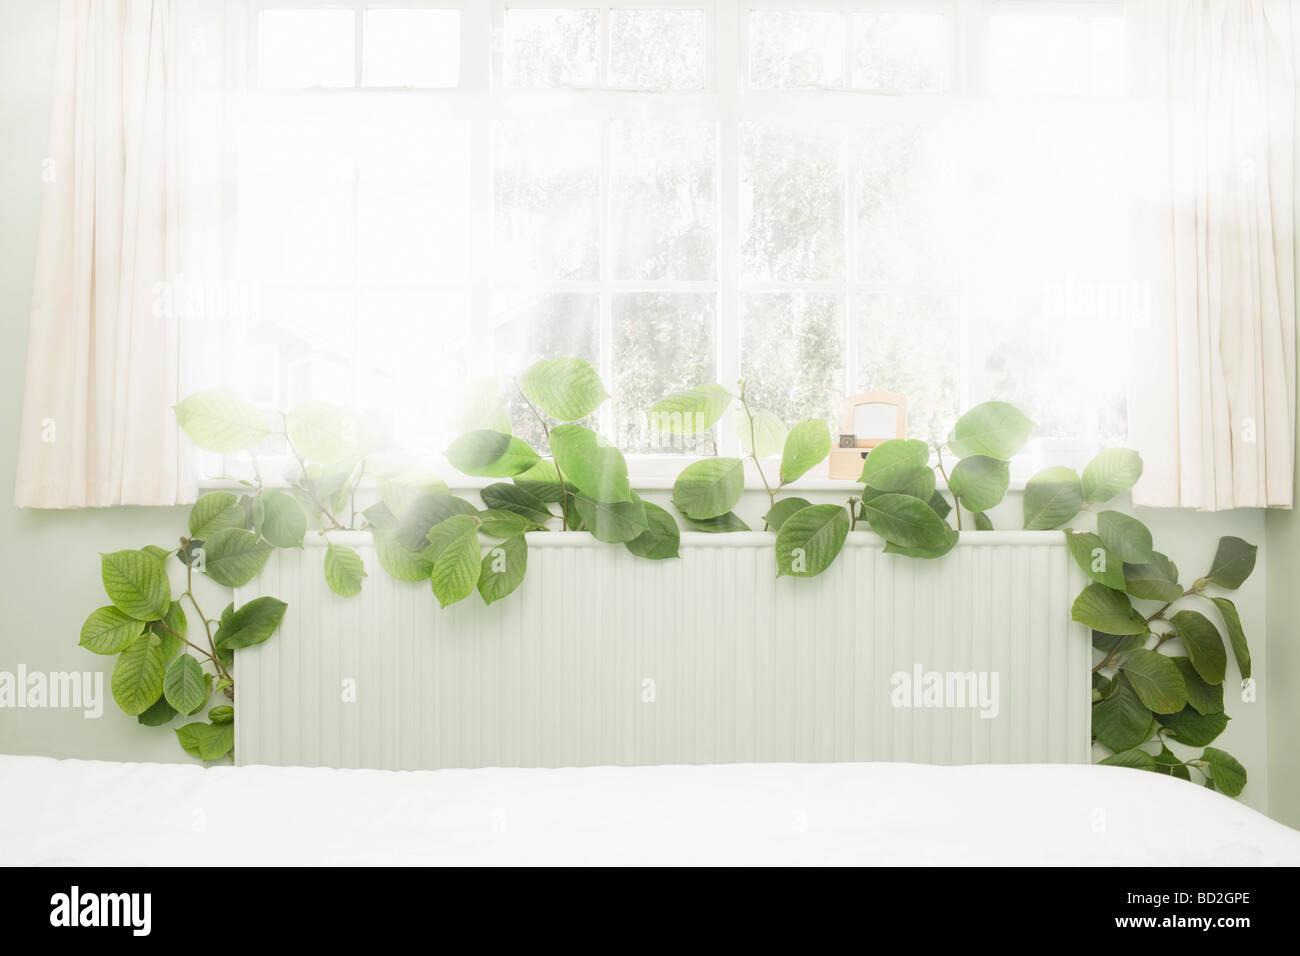 Radiator sprouting green vegetation - Stock Image